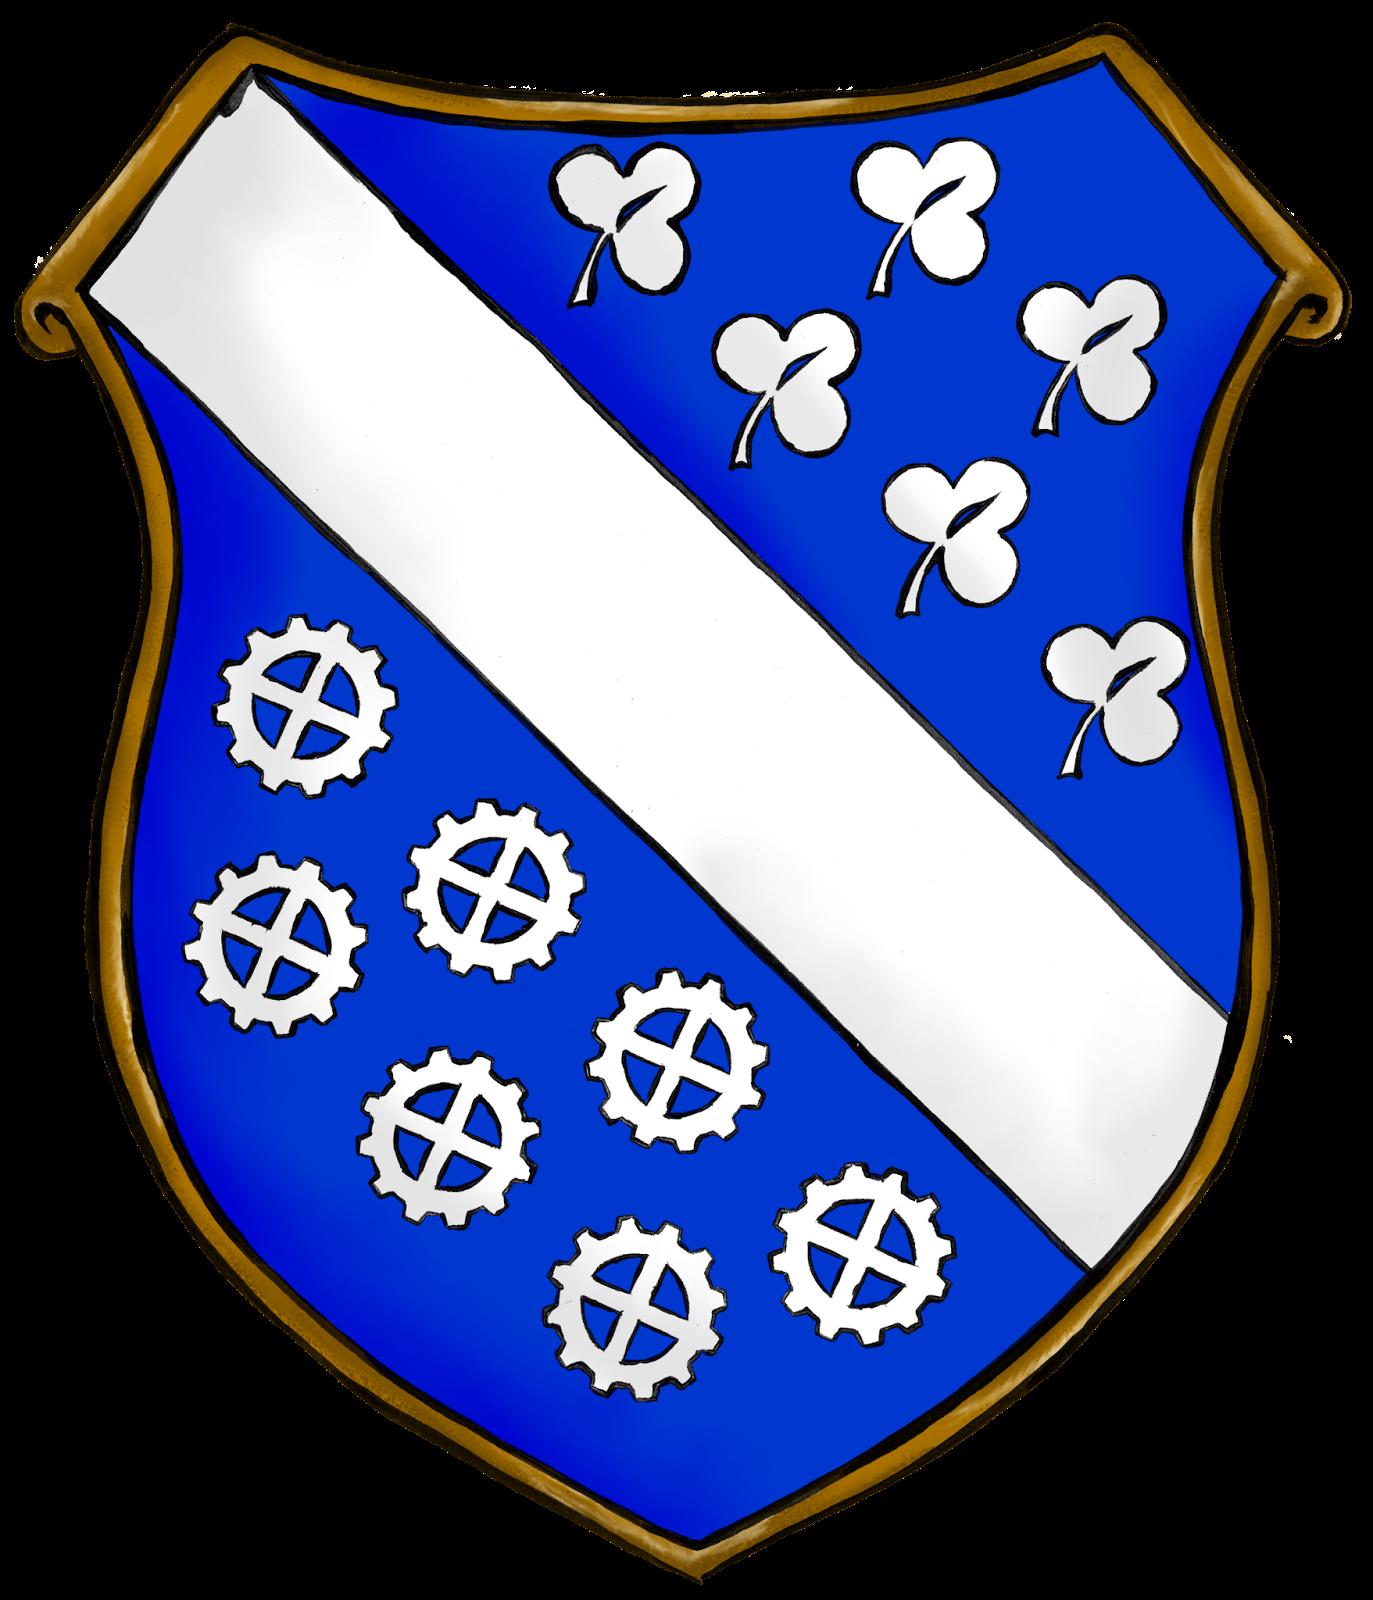 Casseler Steampunk-Wappen Endversion